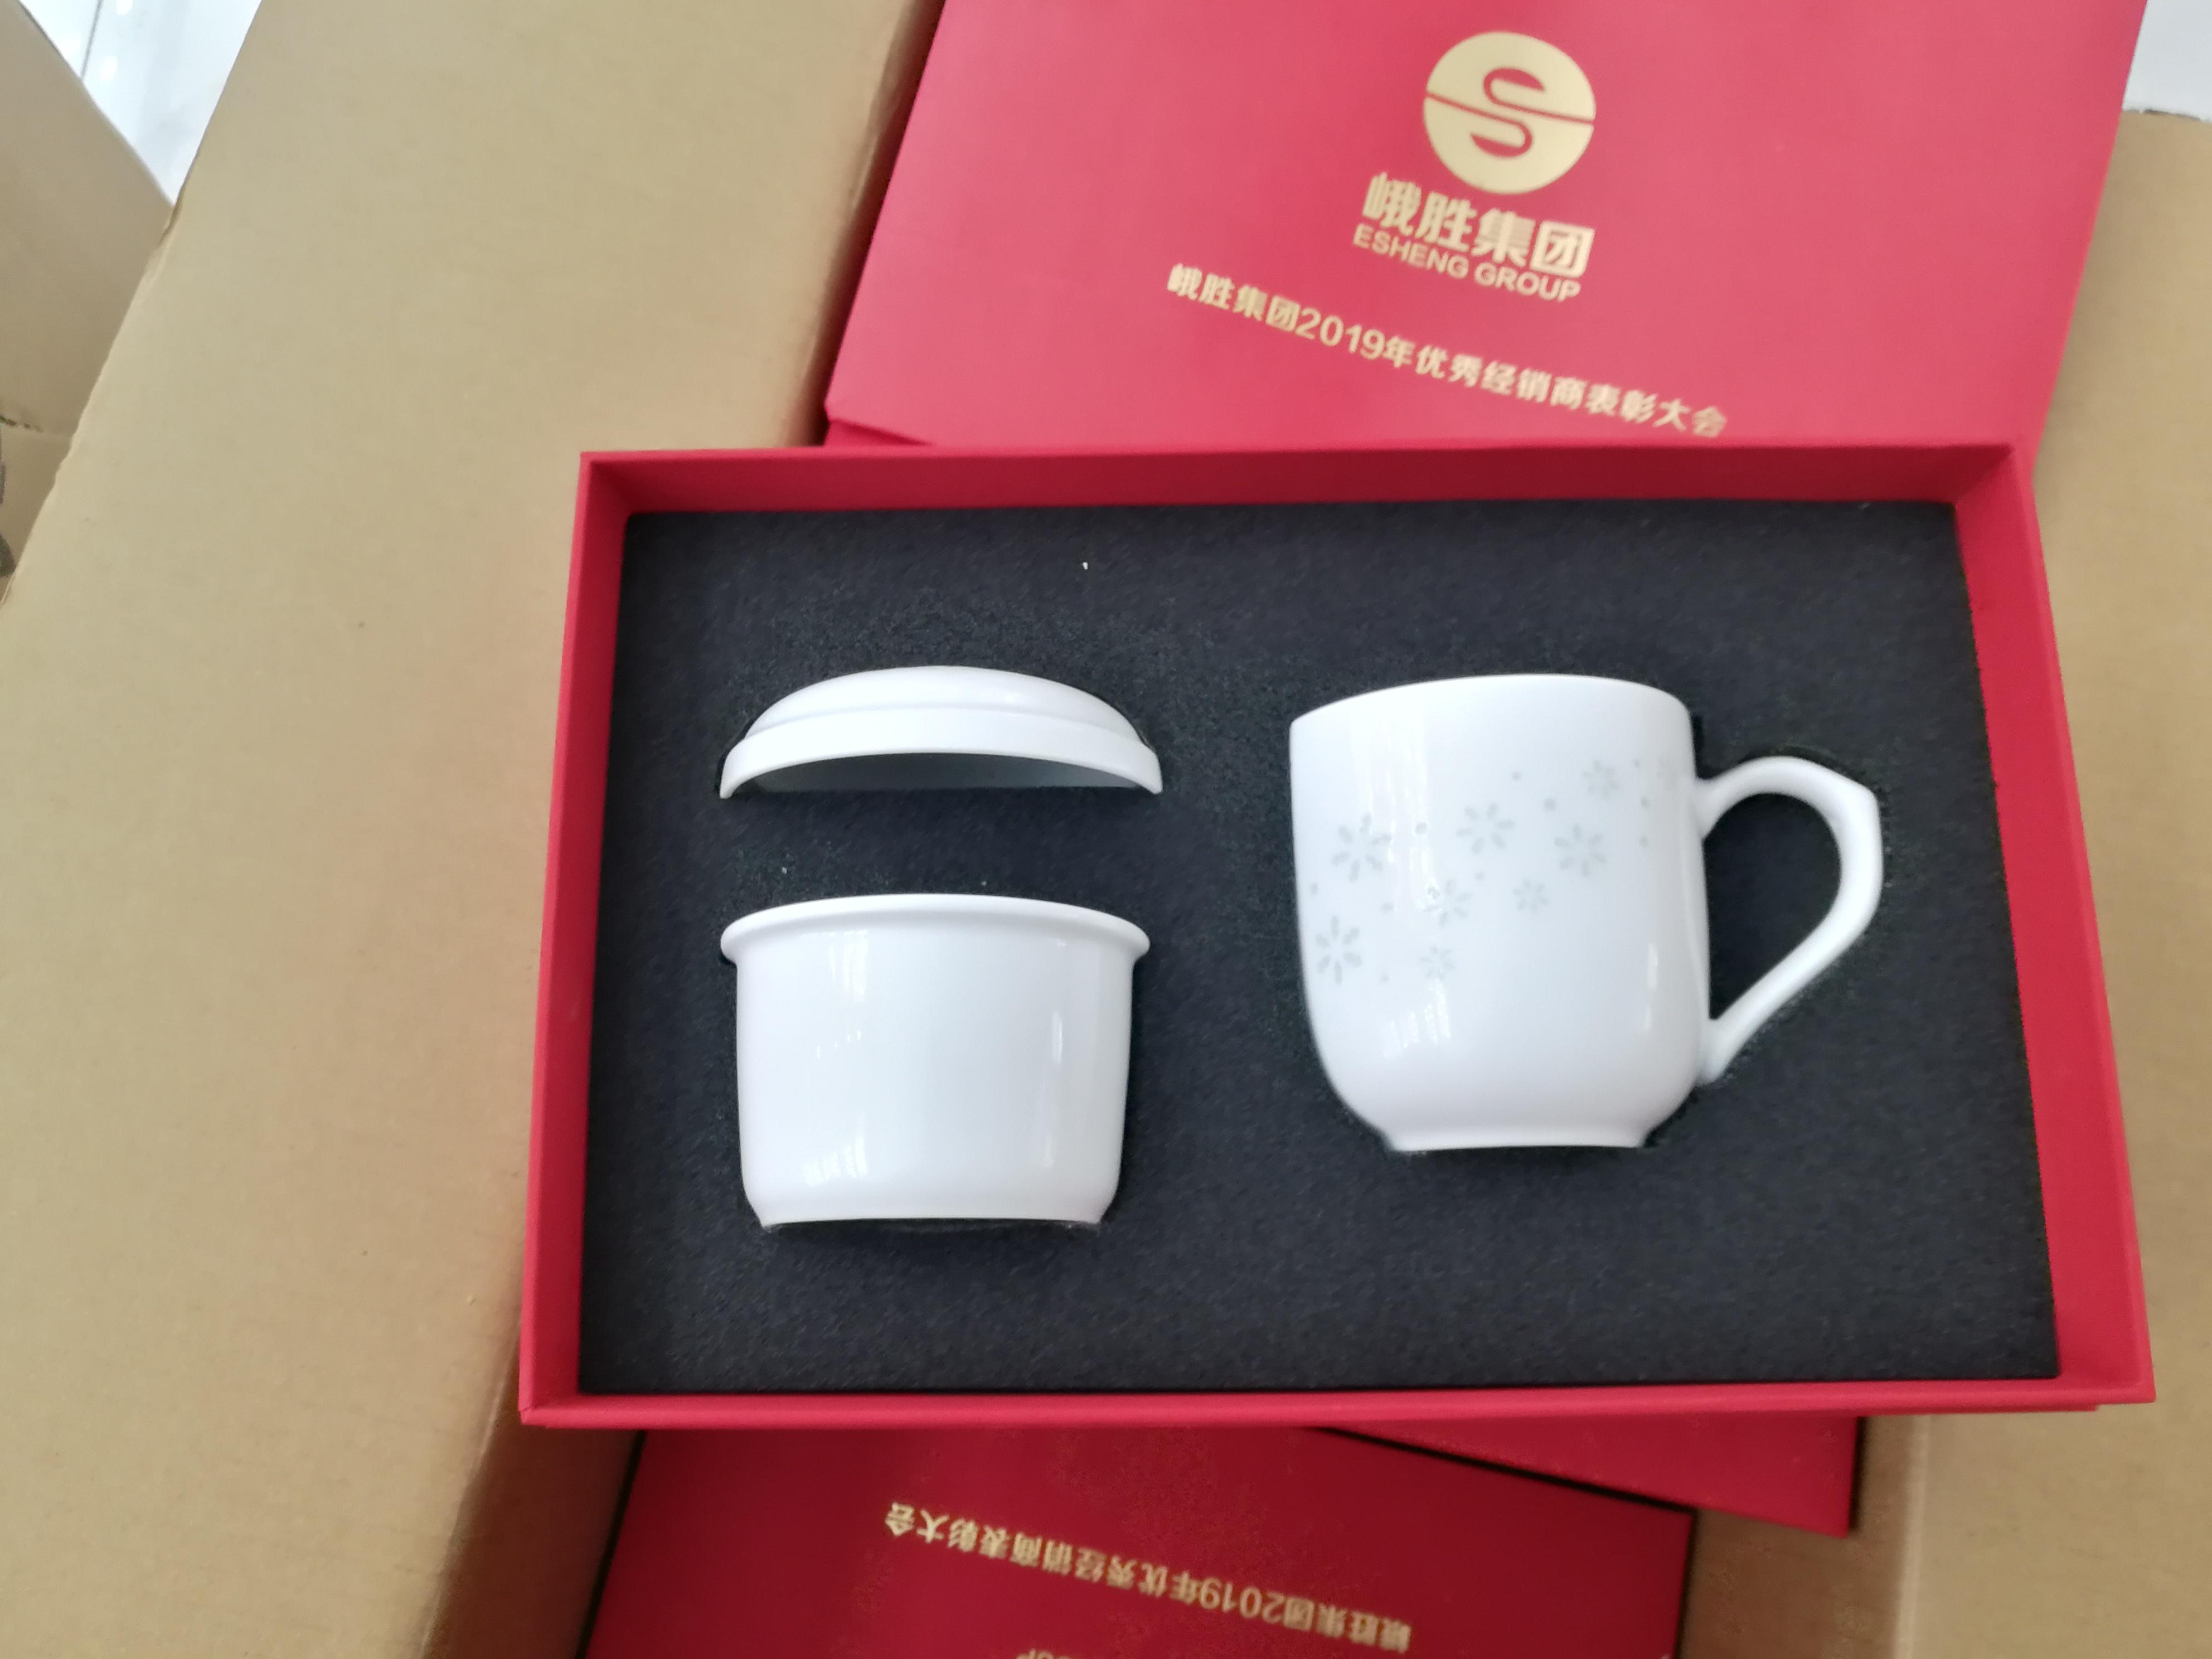 定制公司周年庆礼品陶瓷茶杯,景德镇周年庆典活动纪念杯定制厂家